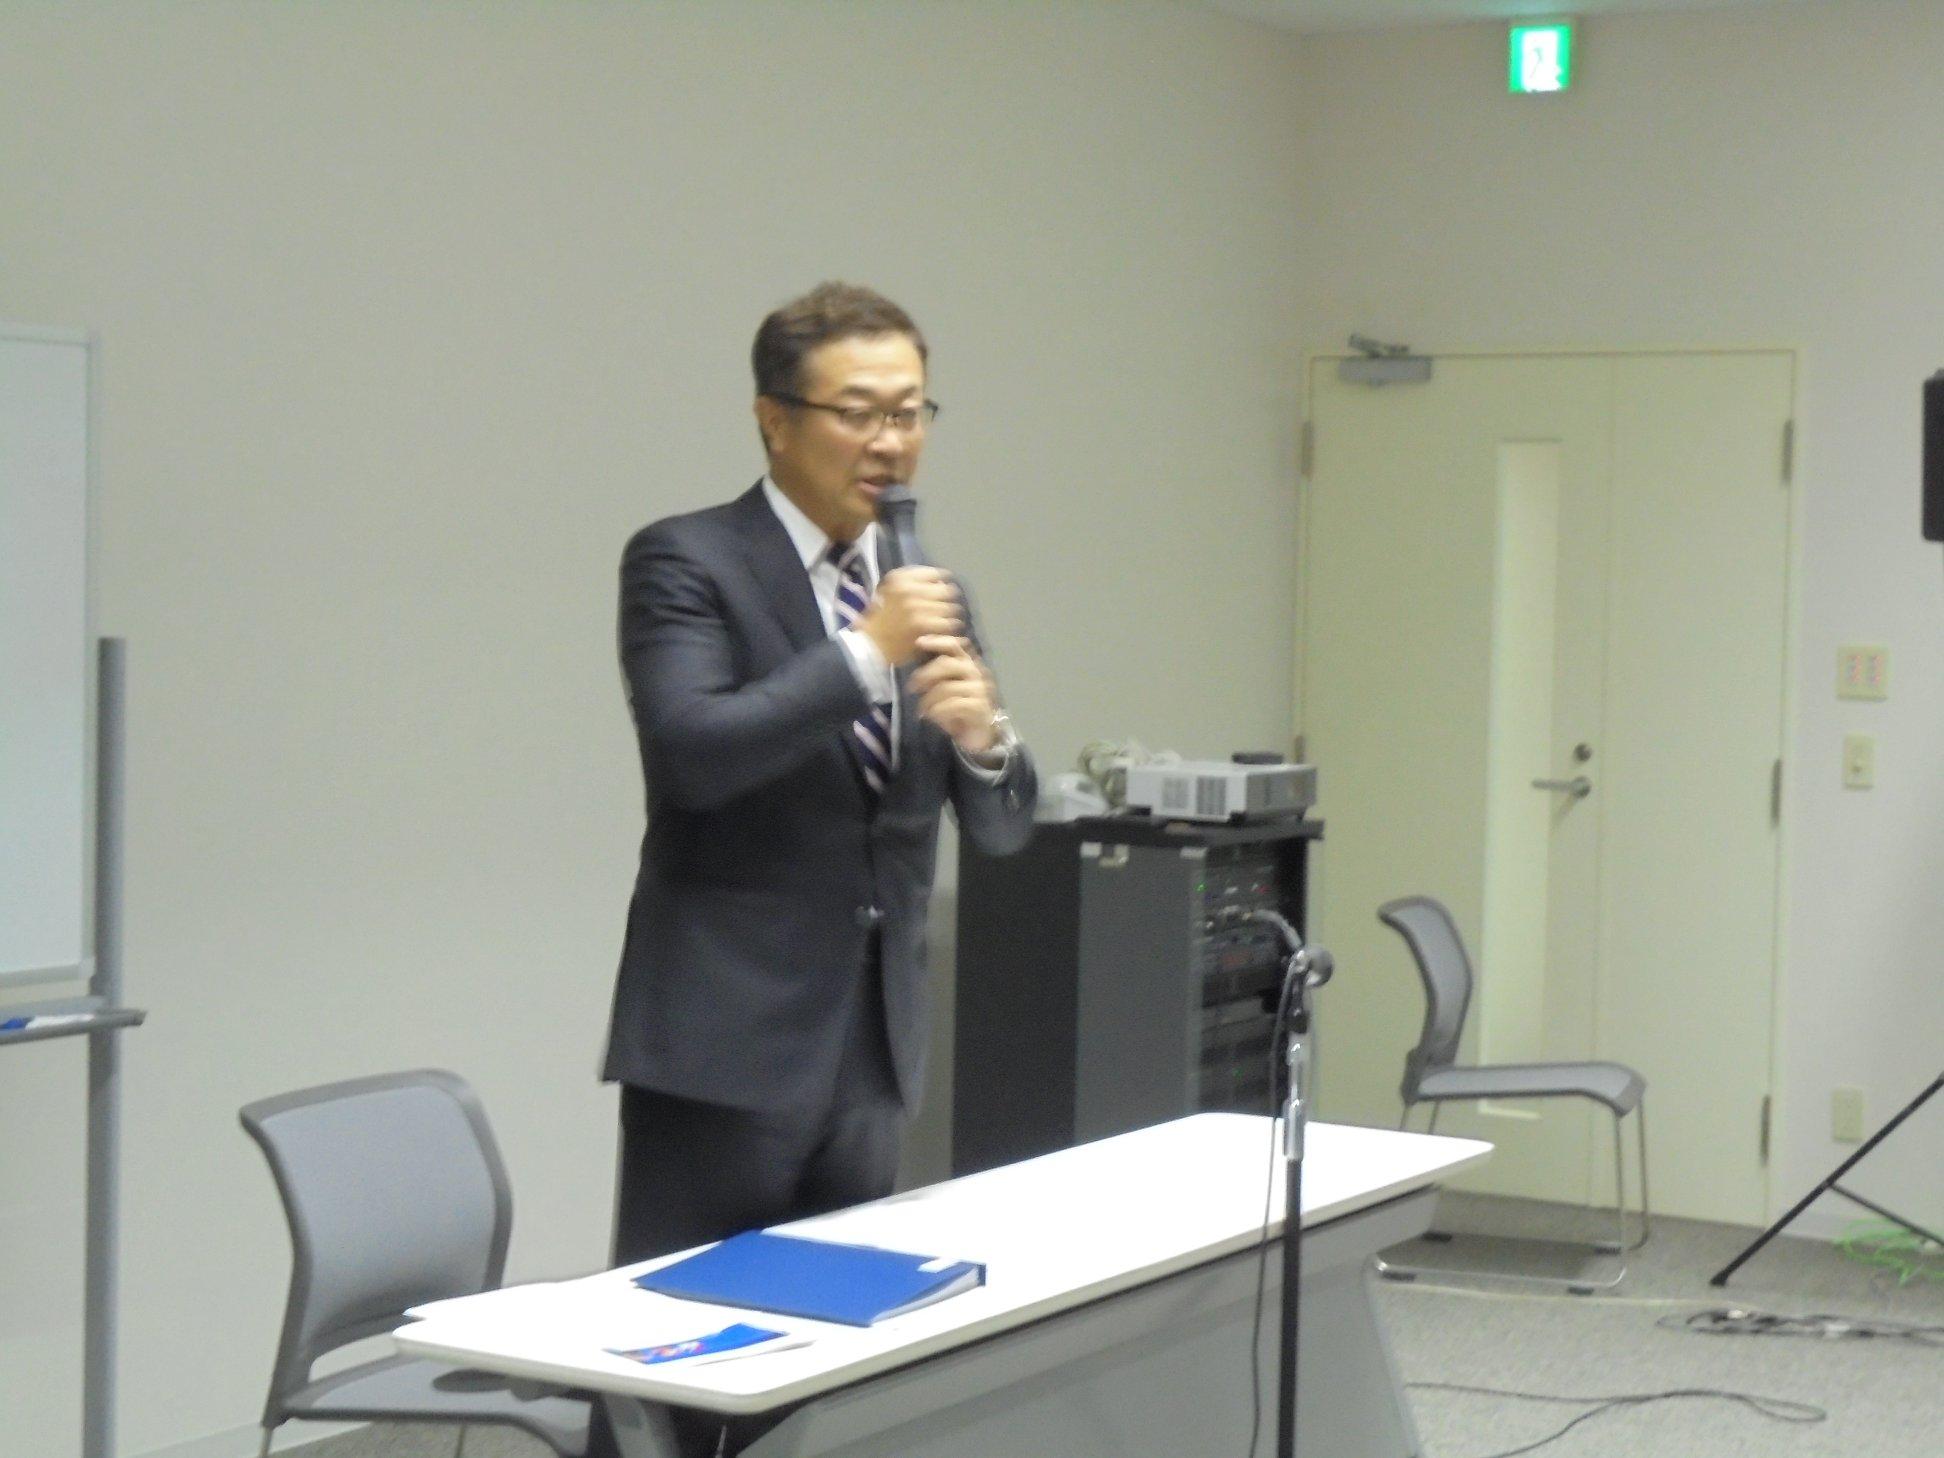 福岡 銀行 千早 支店